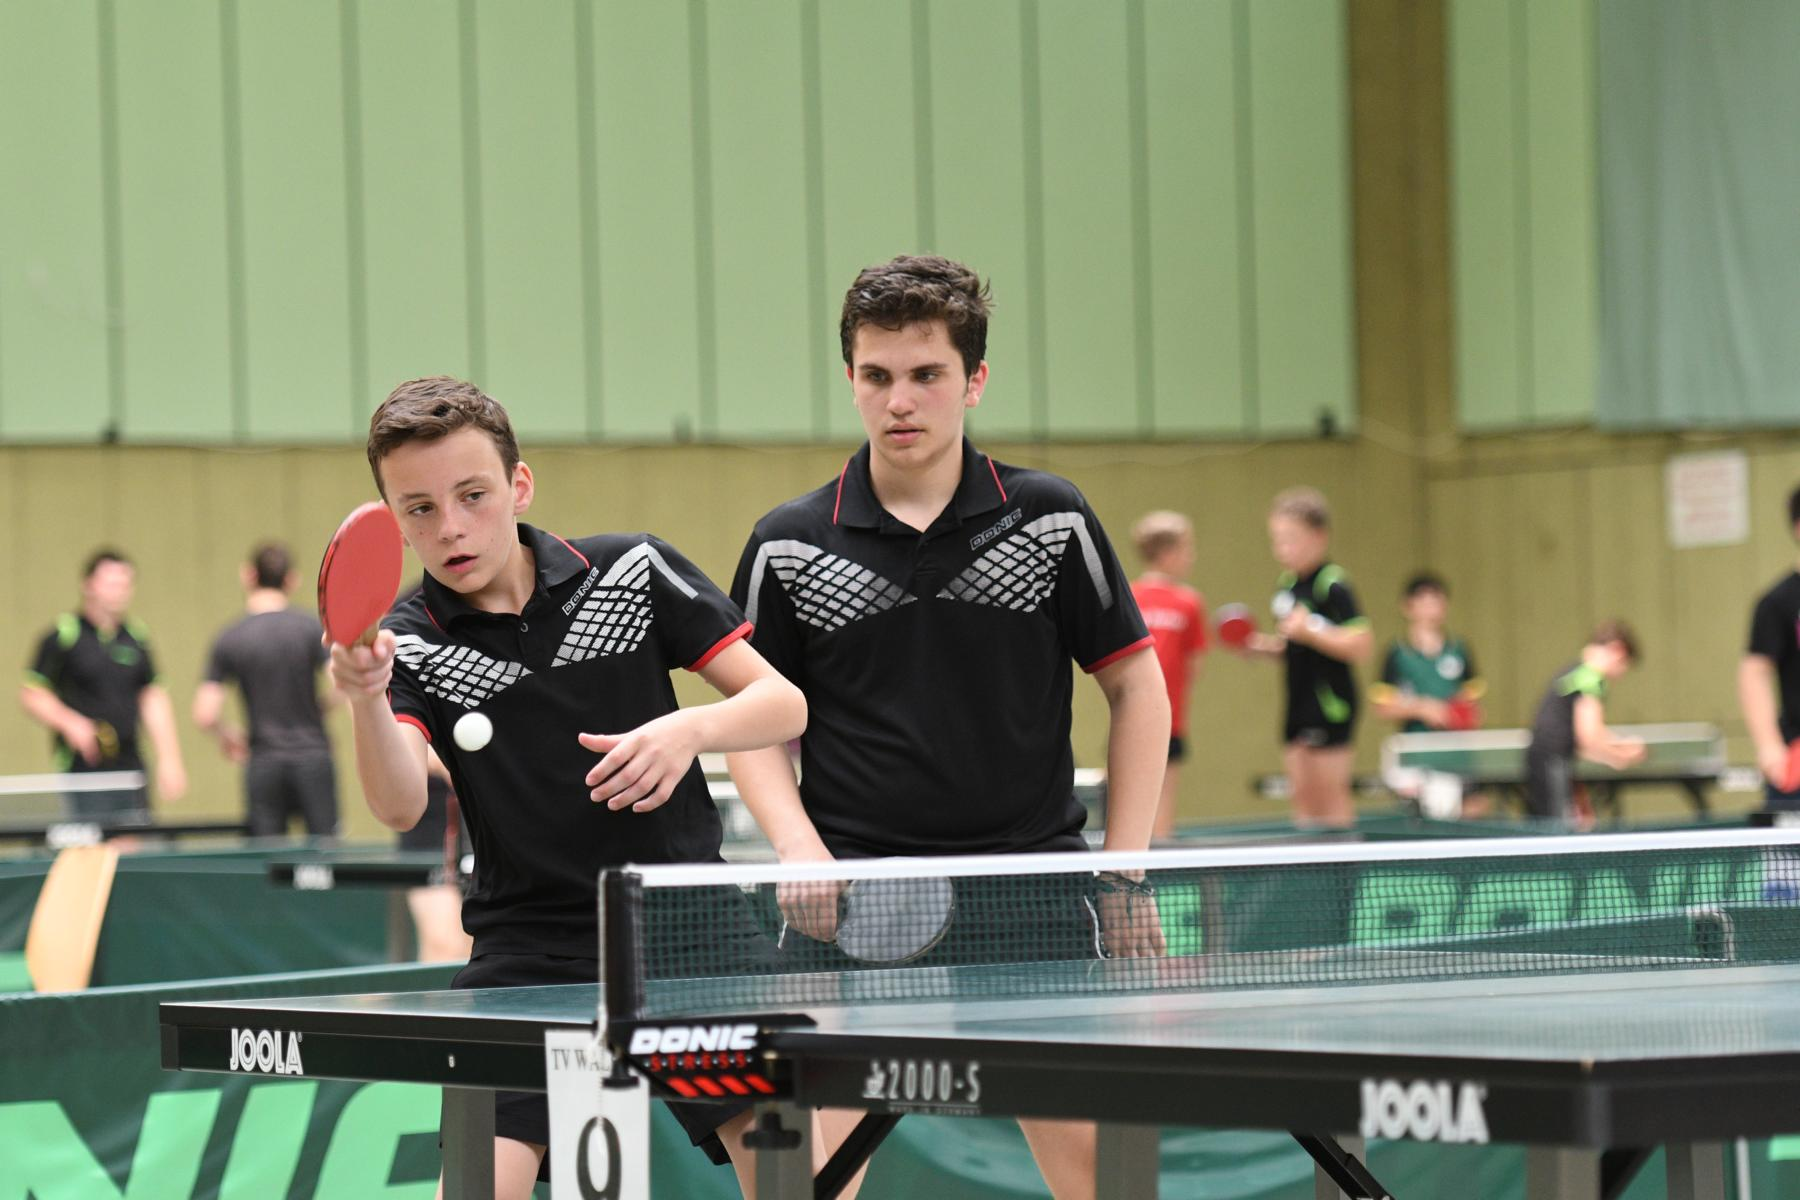 Marc und Flo dominierten die Doppelkonkurrenzen bei Jugend B und Schüler A.